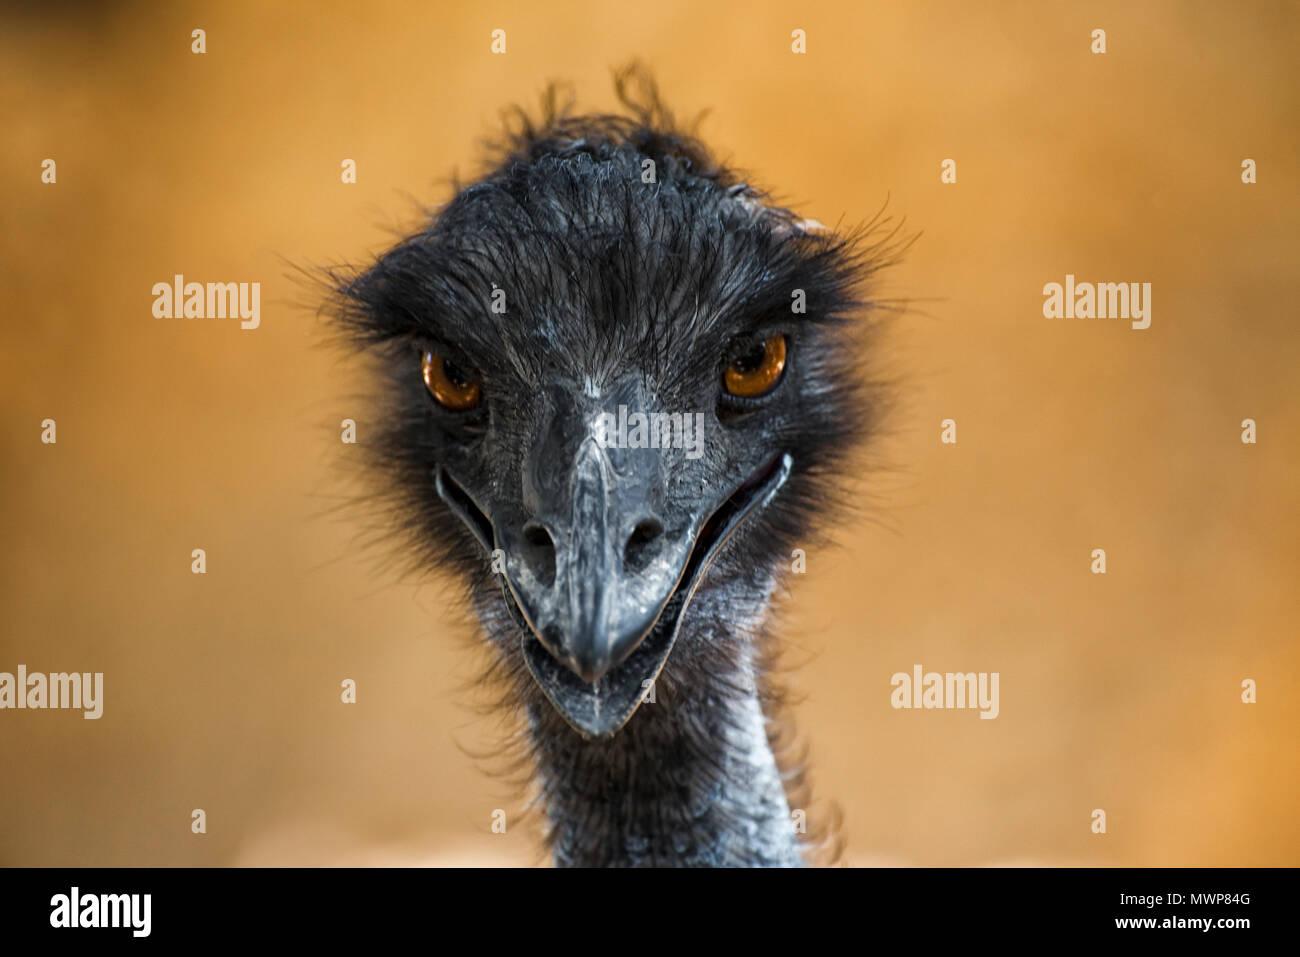 Cabeza del avestruz está deseando Imagen De Stock